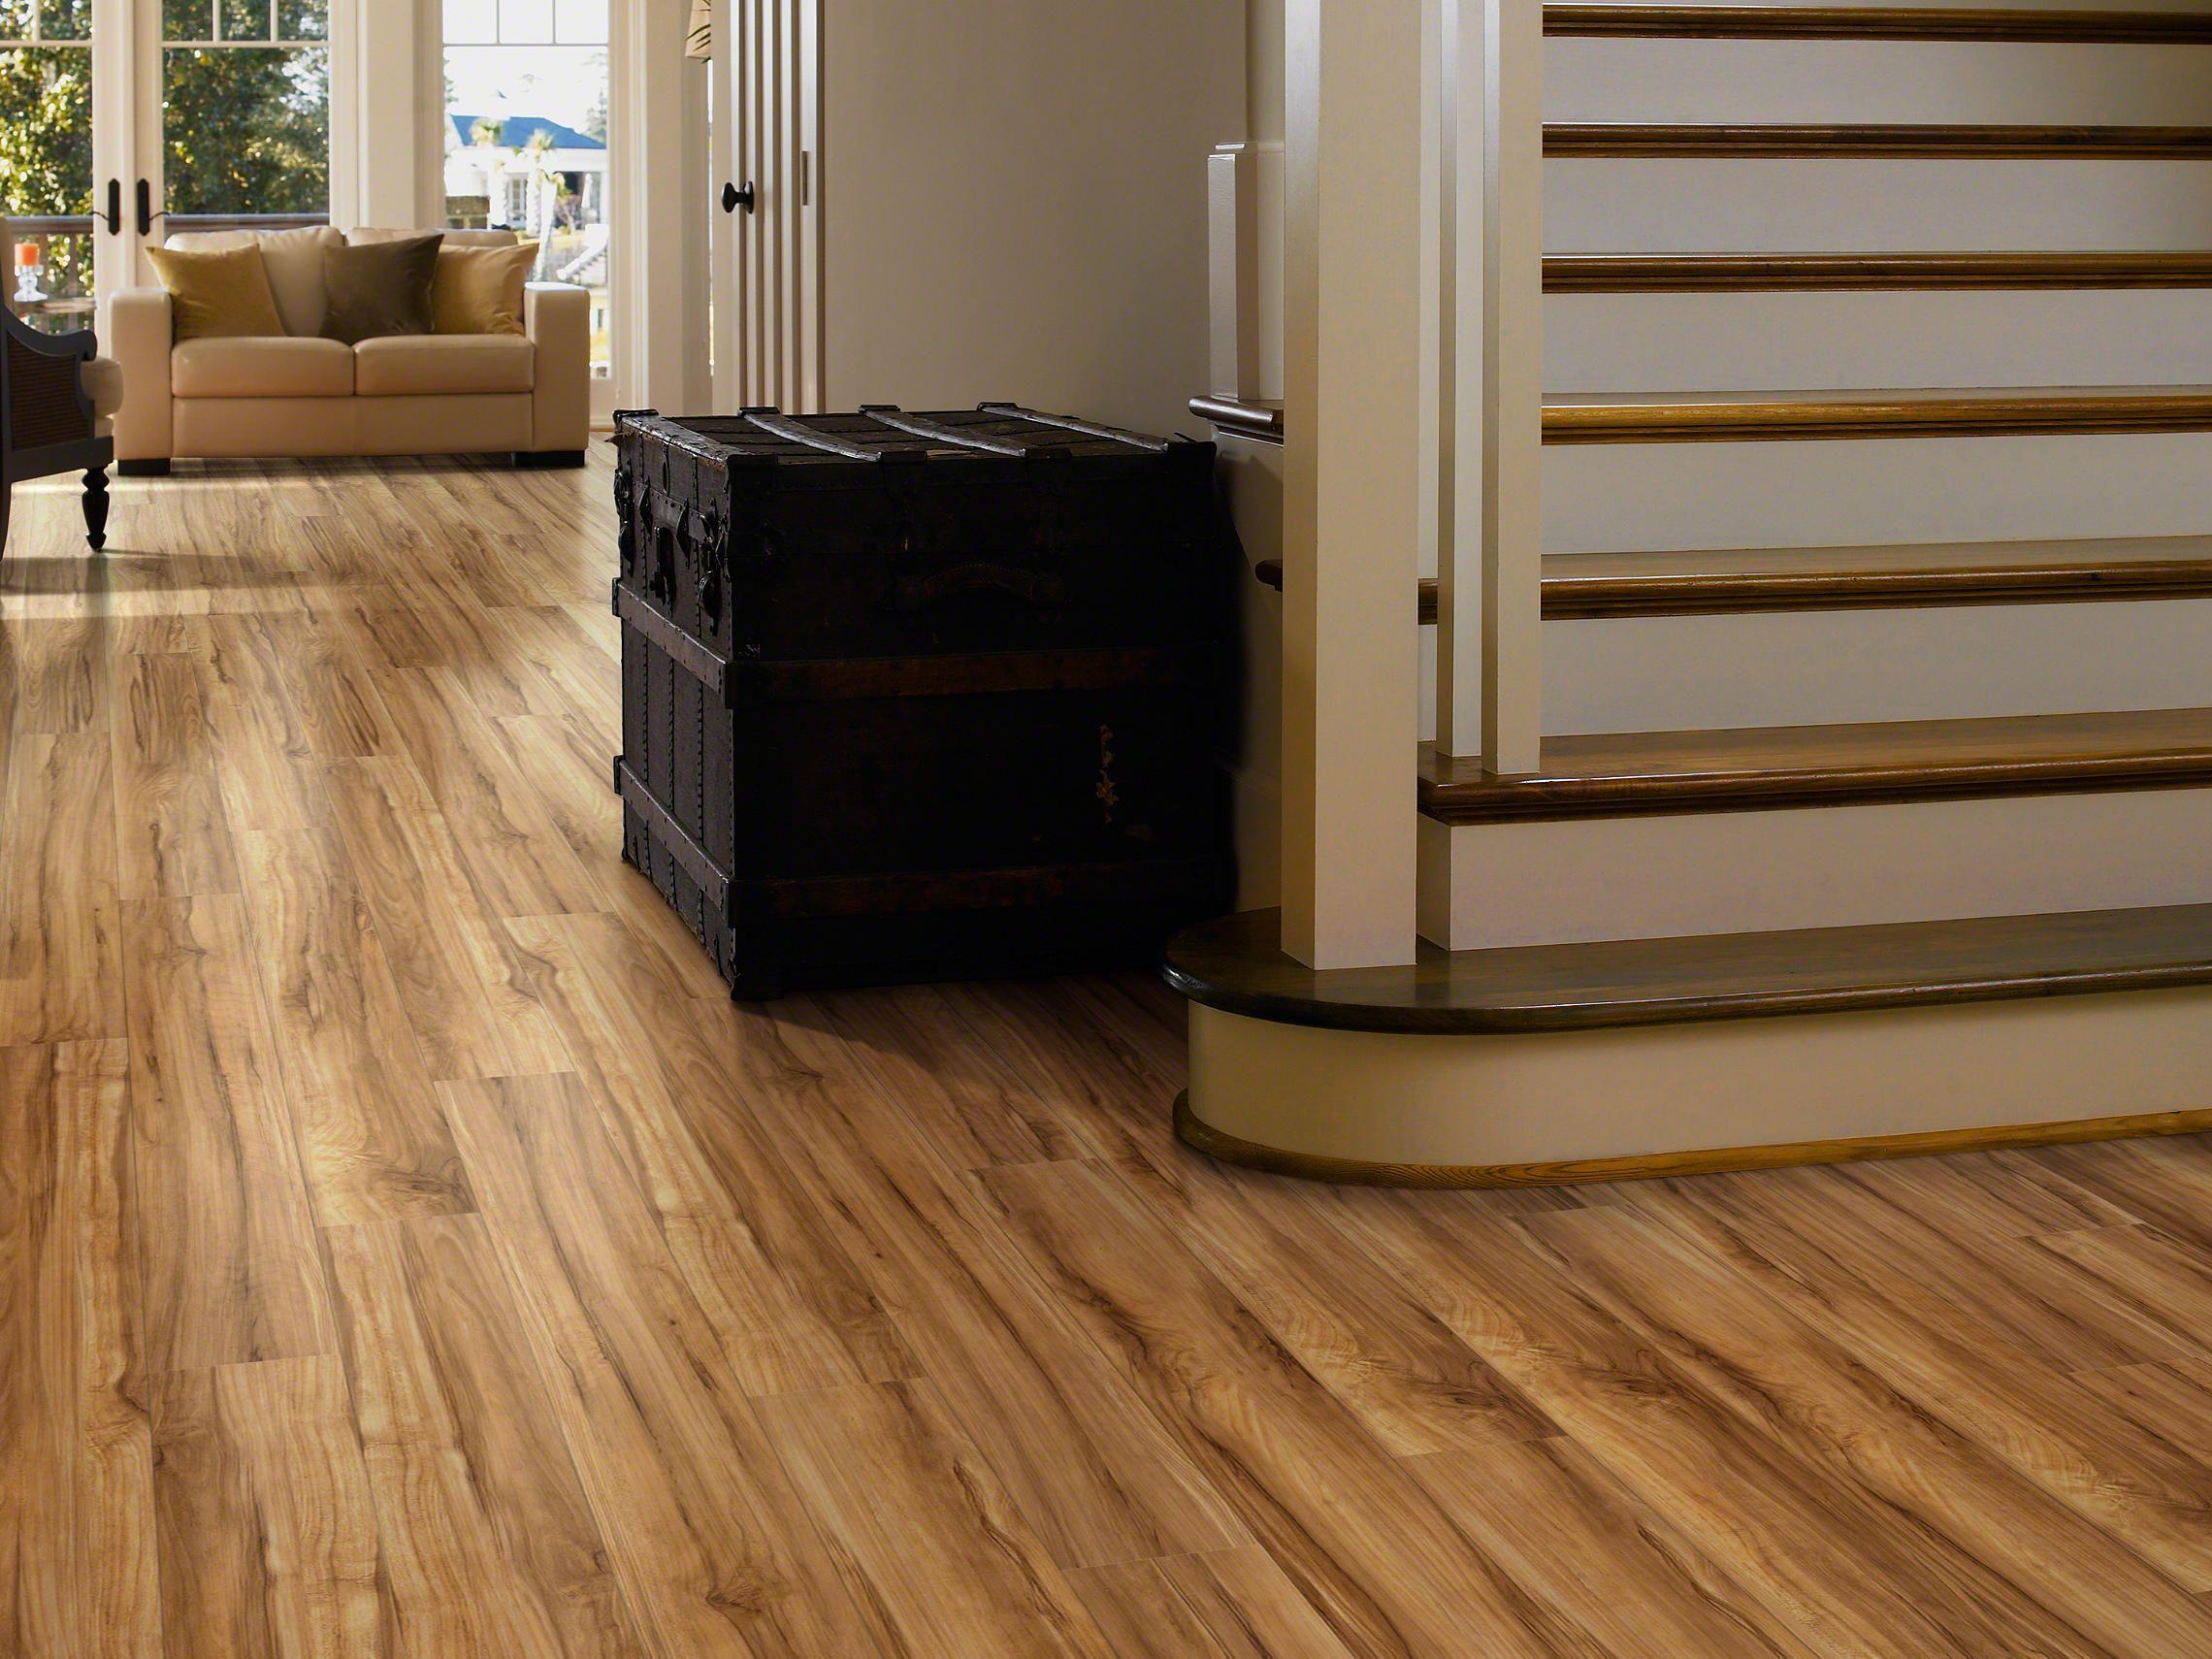 Casa Sa355 Frutta Resilient Vinyl Flooring Vinyl Plank Lvt Flooring Vinyl Flooring House Flooring